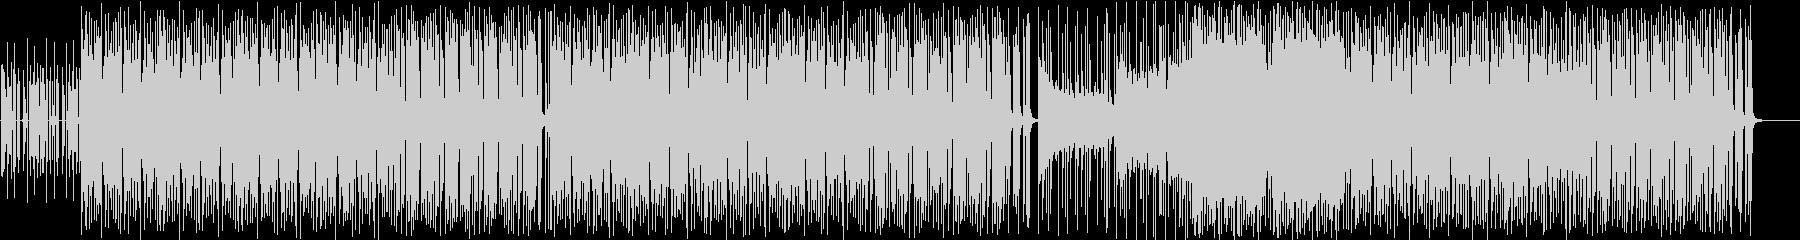 大人な雰囲気のオシャレなインストBGMの未再生の波形